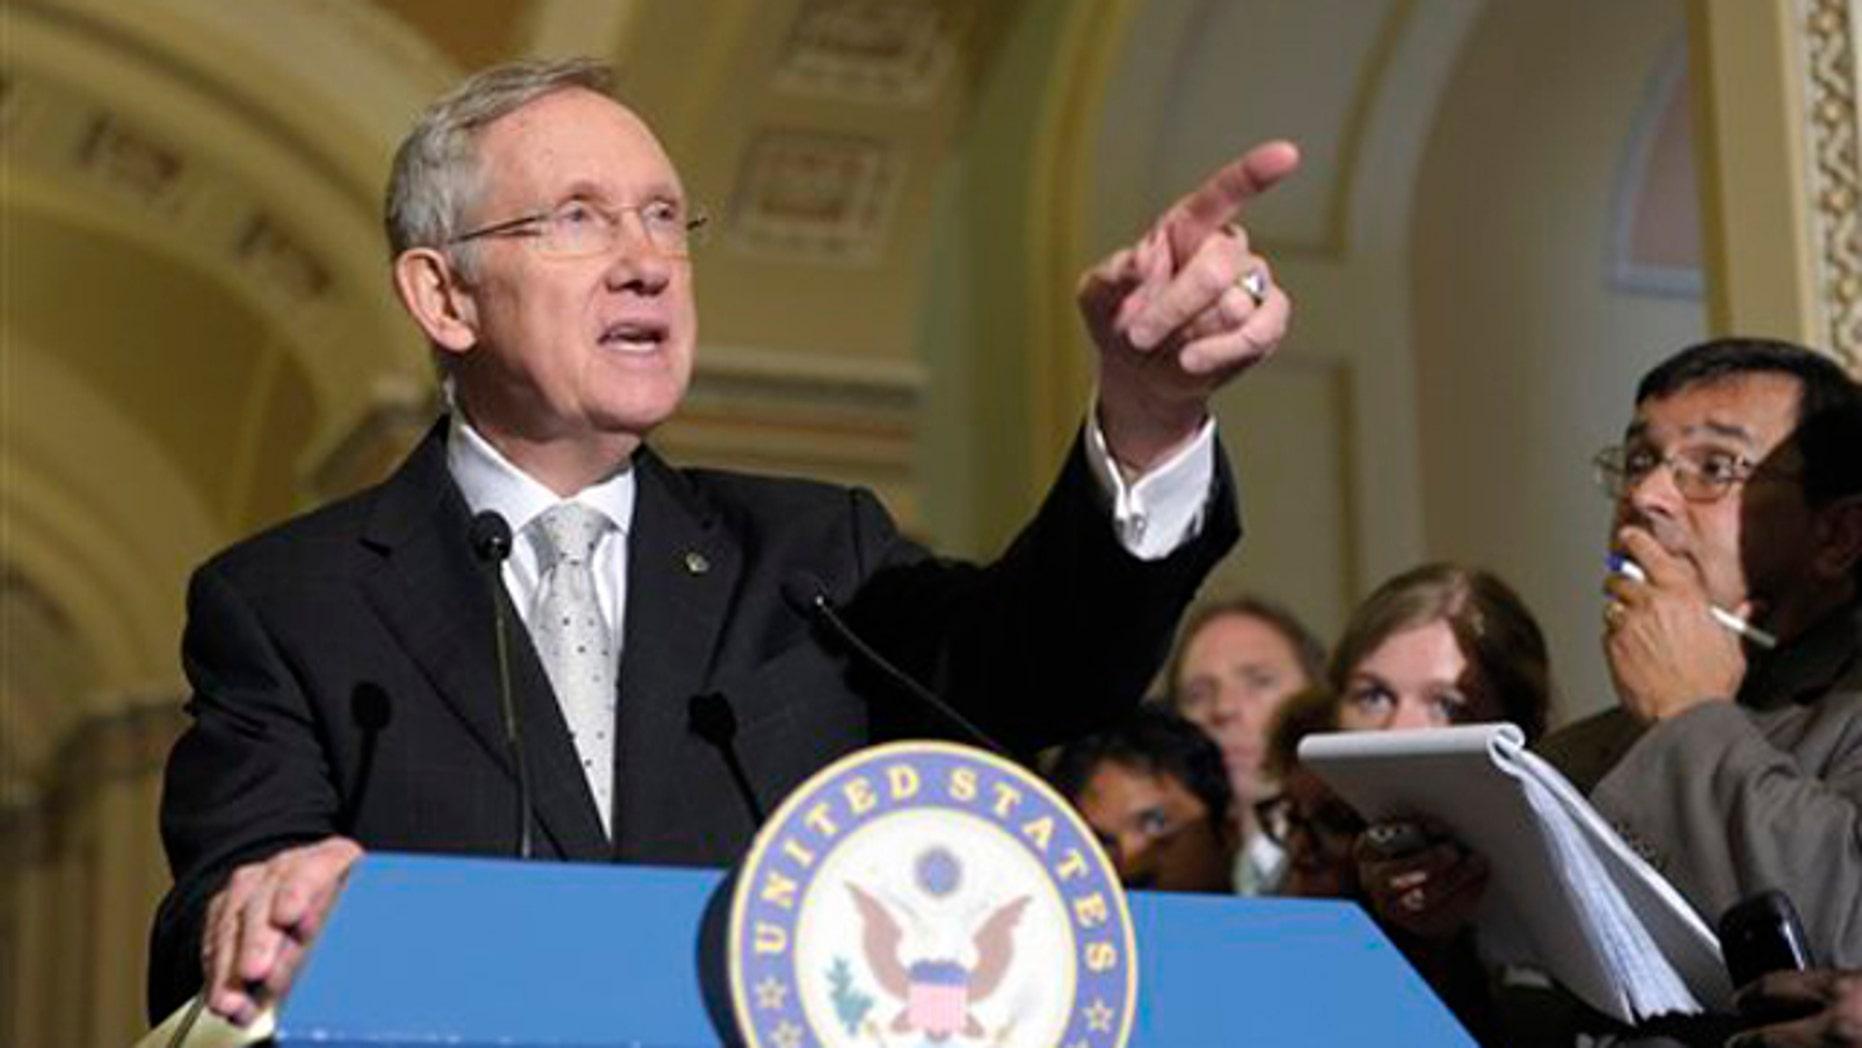 Senate Majority Leader Harry Reid speaks to reporters on Capitol Hill in Washington June 21.